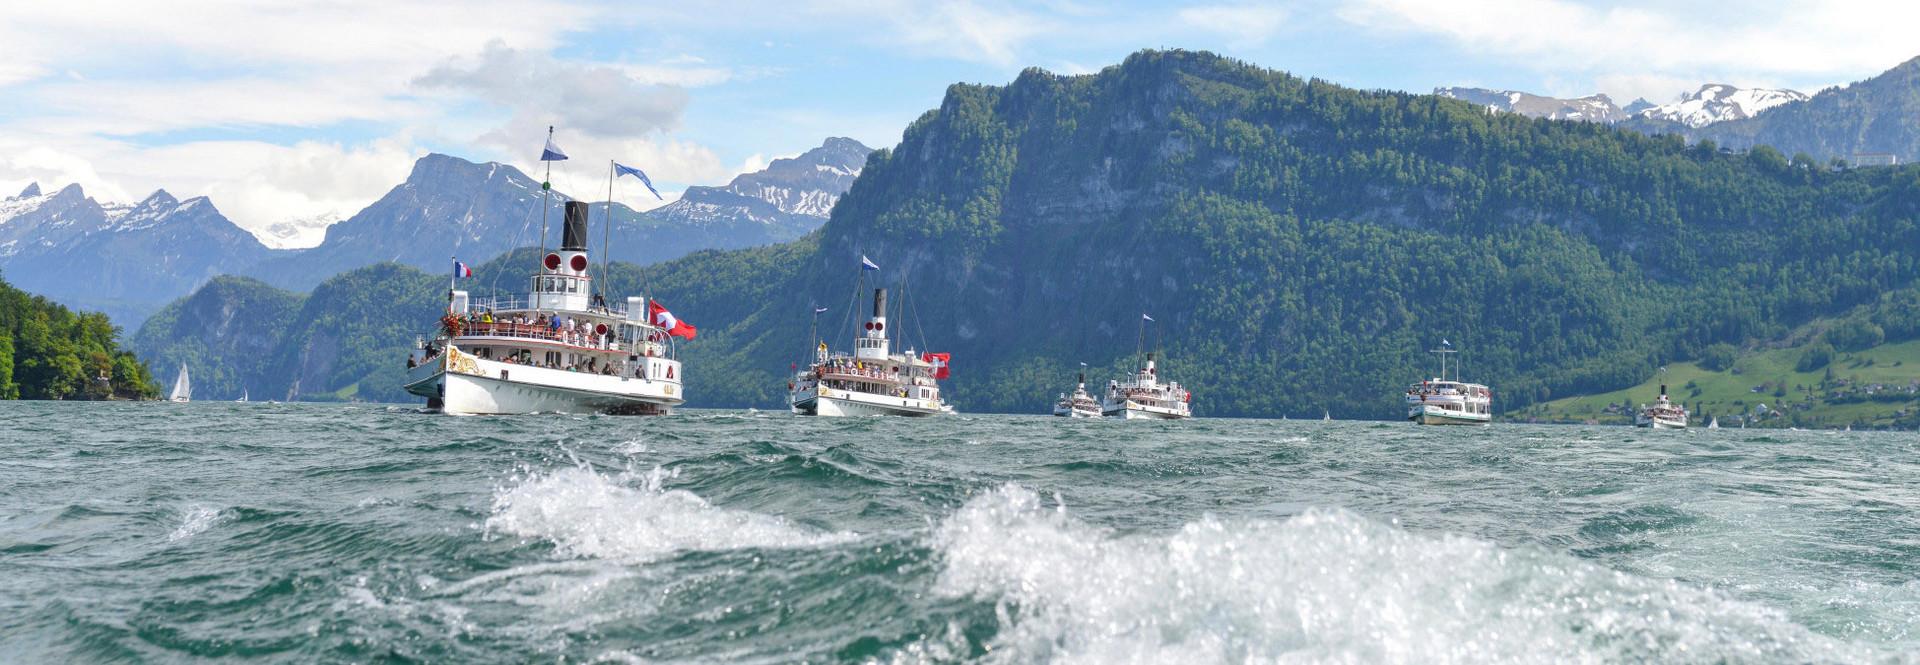 Dampfschiffe während einer Fahrt auf dem welligen Vierwaldstättersee.